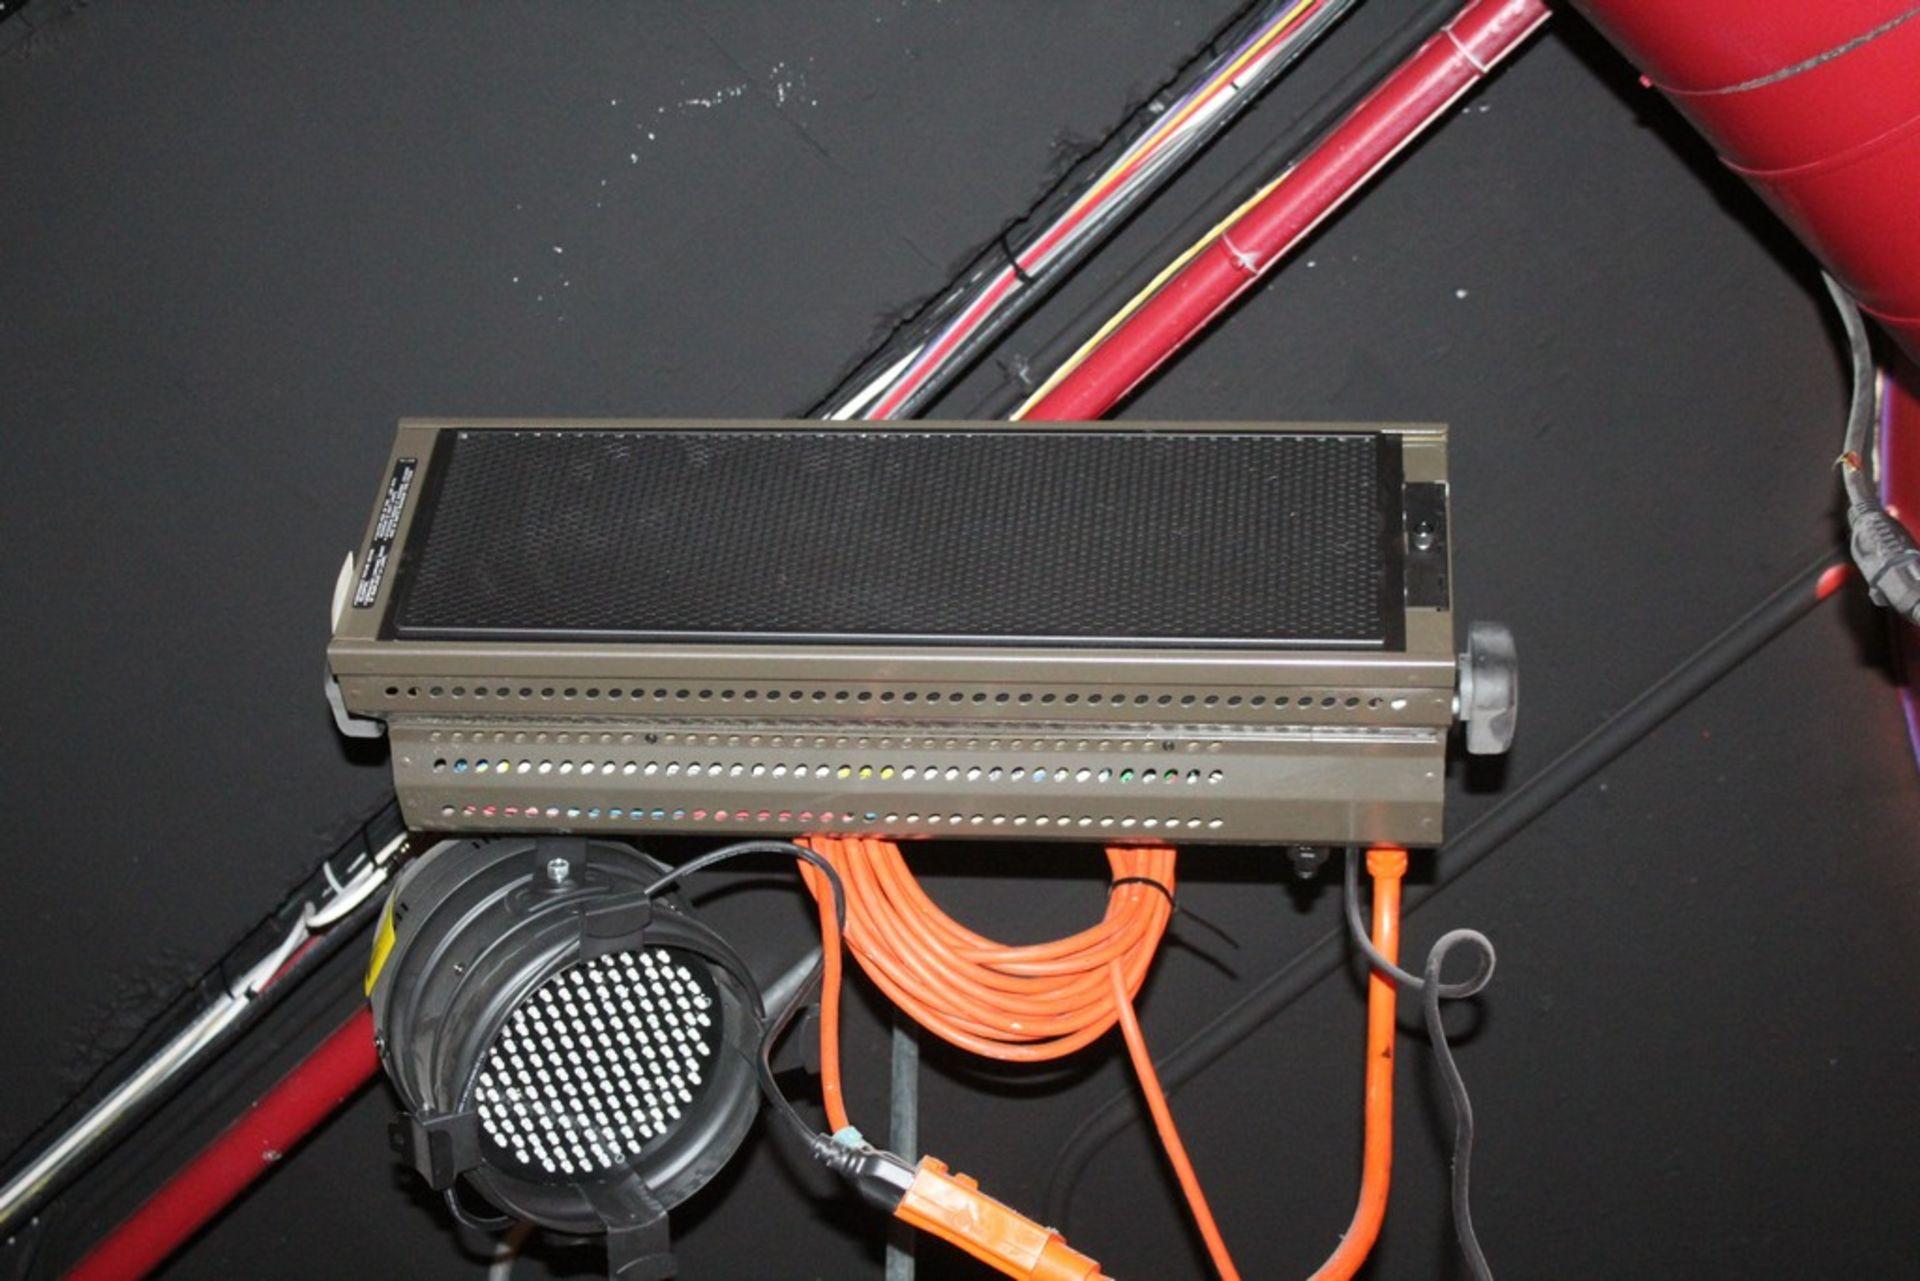 BRIGHTLINE MODEL 1.4D 10 AMP STAGE LIGHT SERIES 1 DMX LIGHT